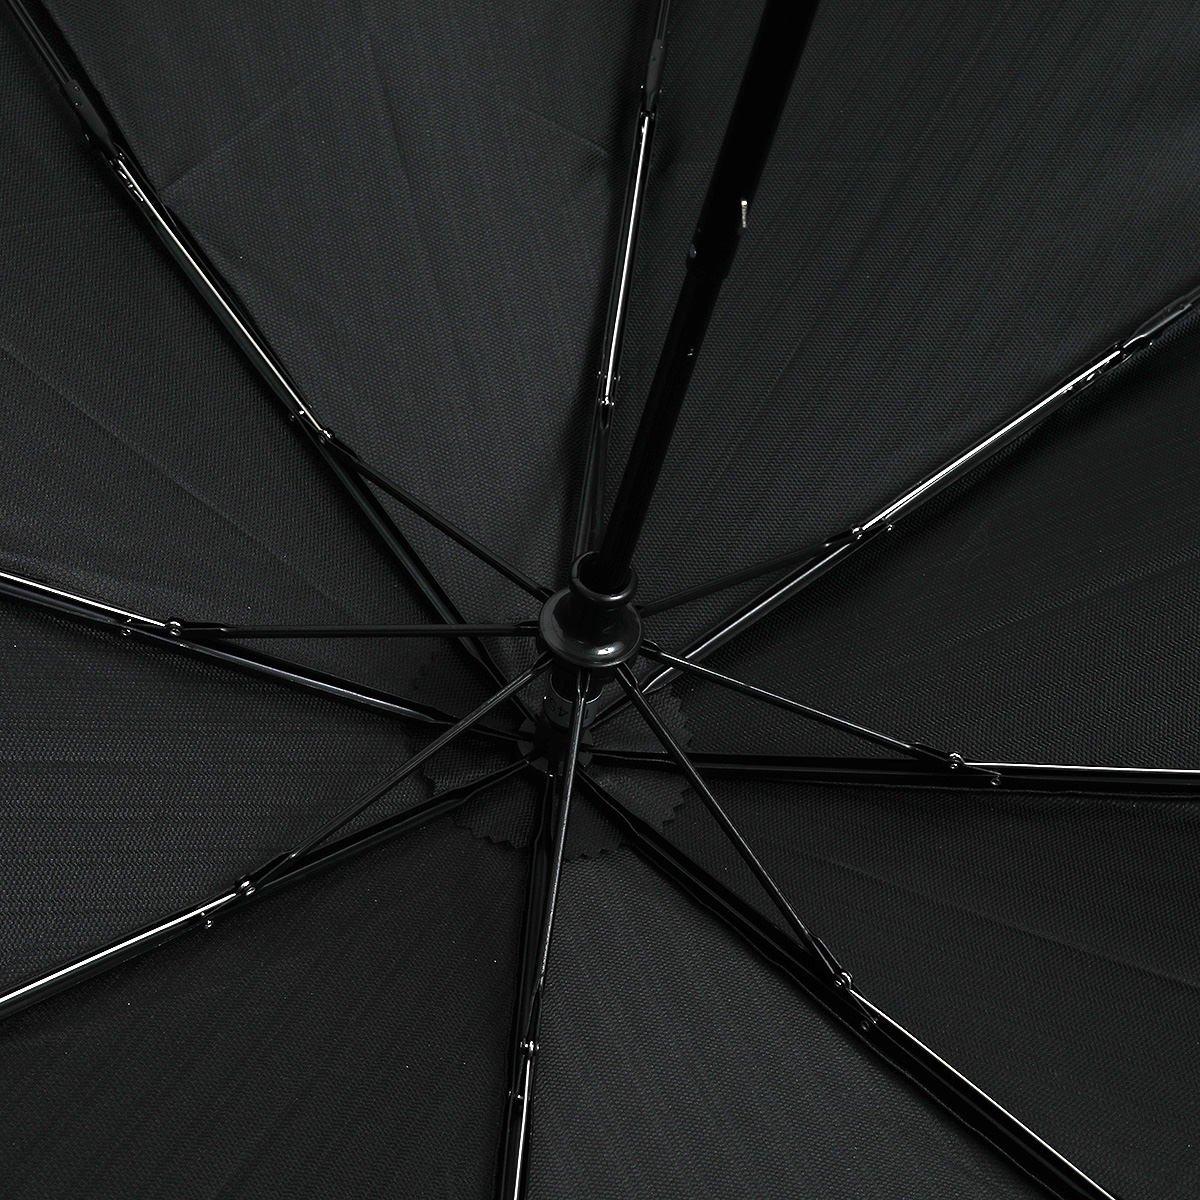 【セール】ダブルストライプ 耐風骨 折りたたみ傘 詳細画像8